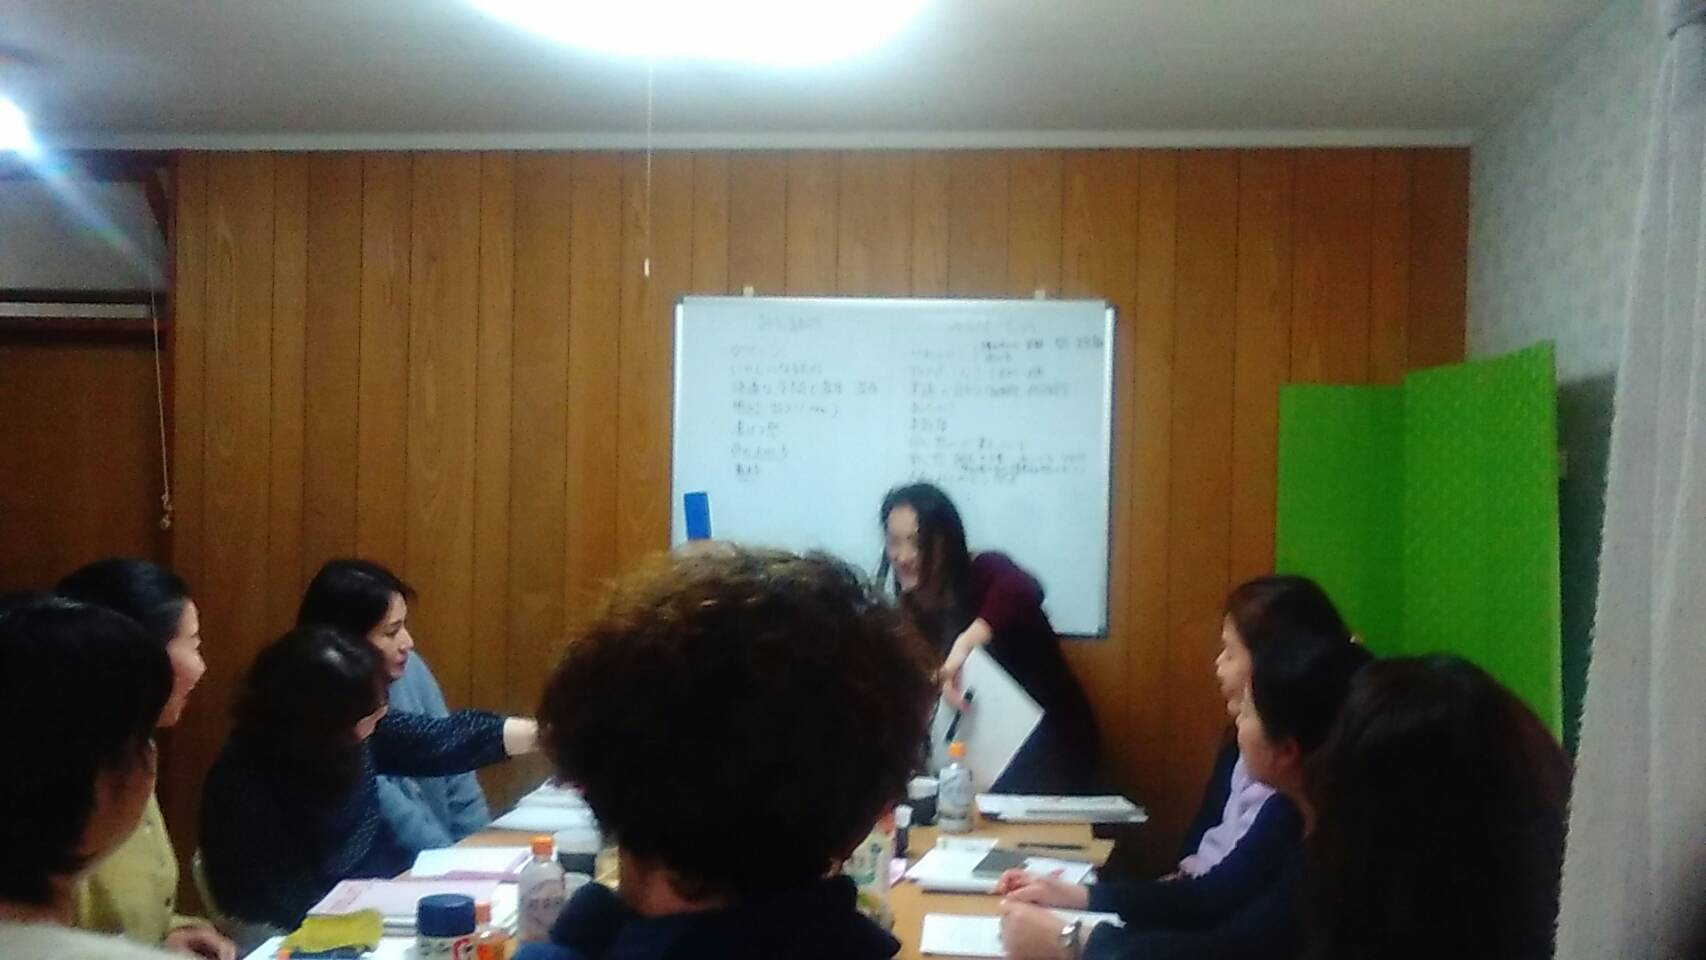 339 - 胎内記憶教育協会、講師養成講座第5期の最終講義